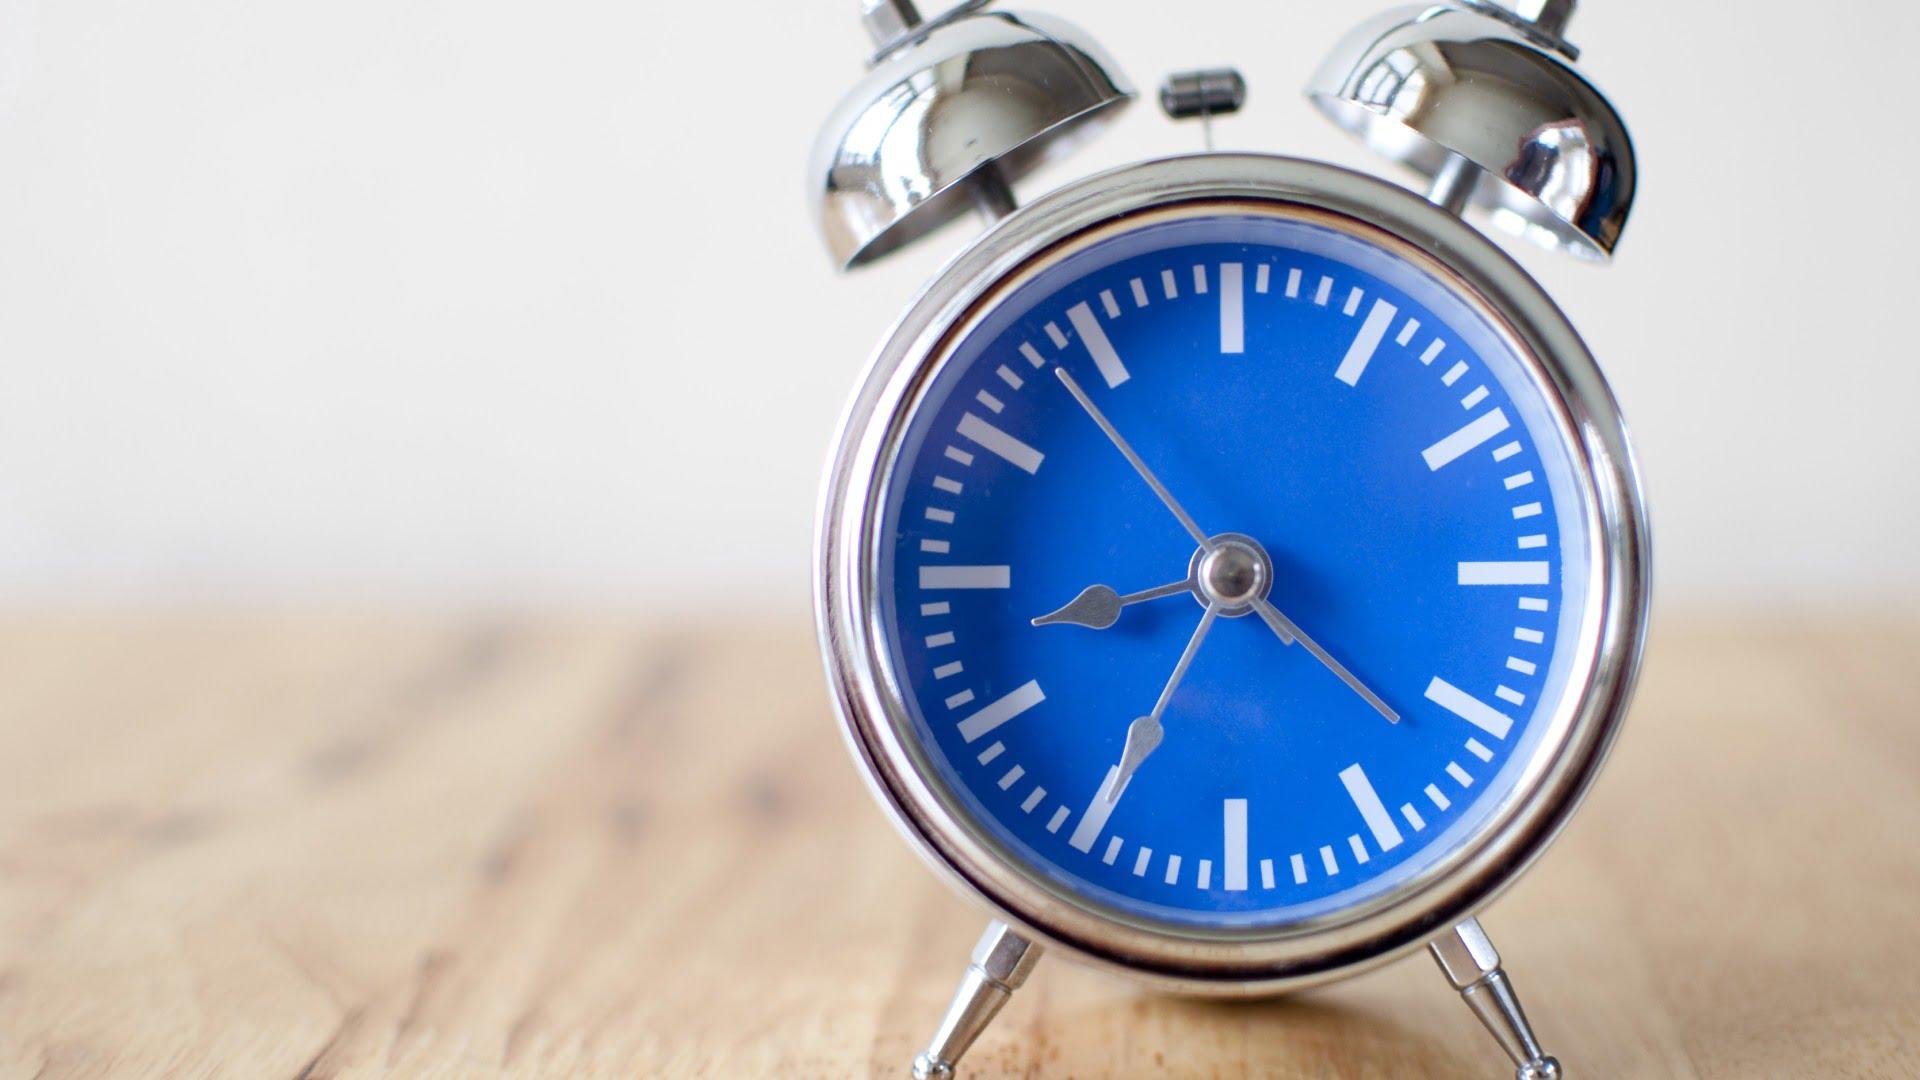 Obavijest o novom radnom vremenu - Limometal